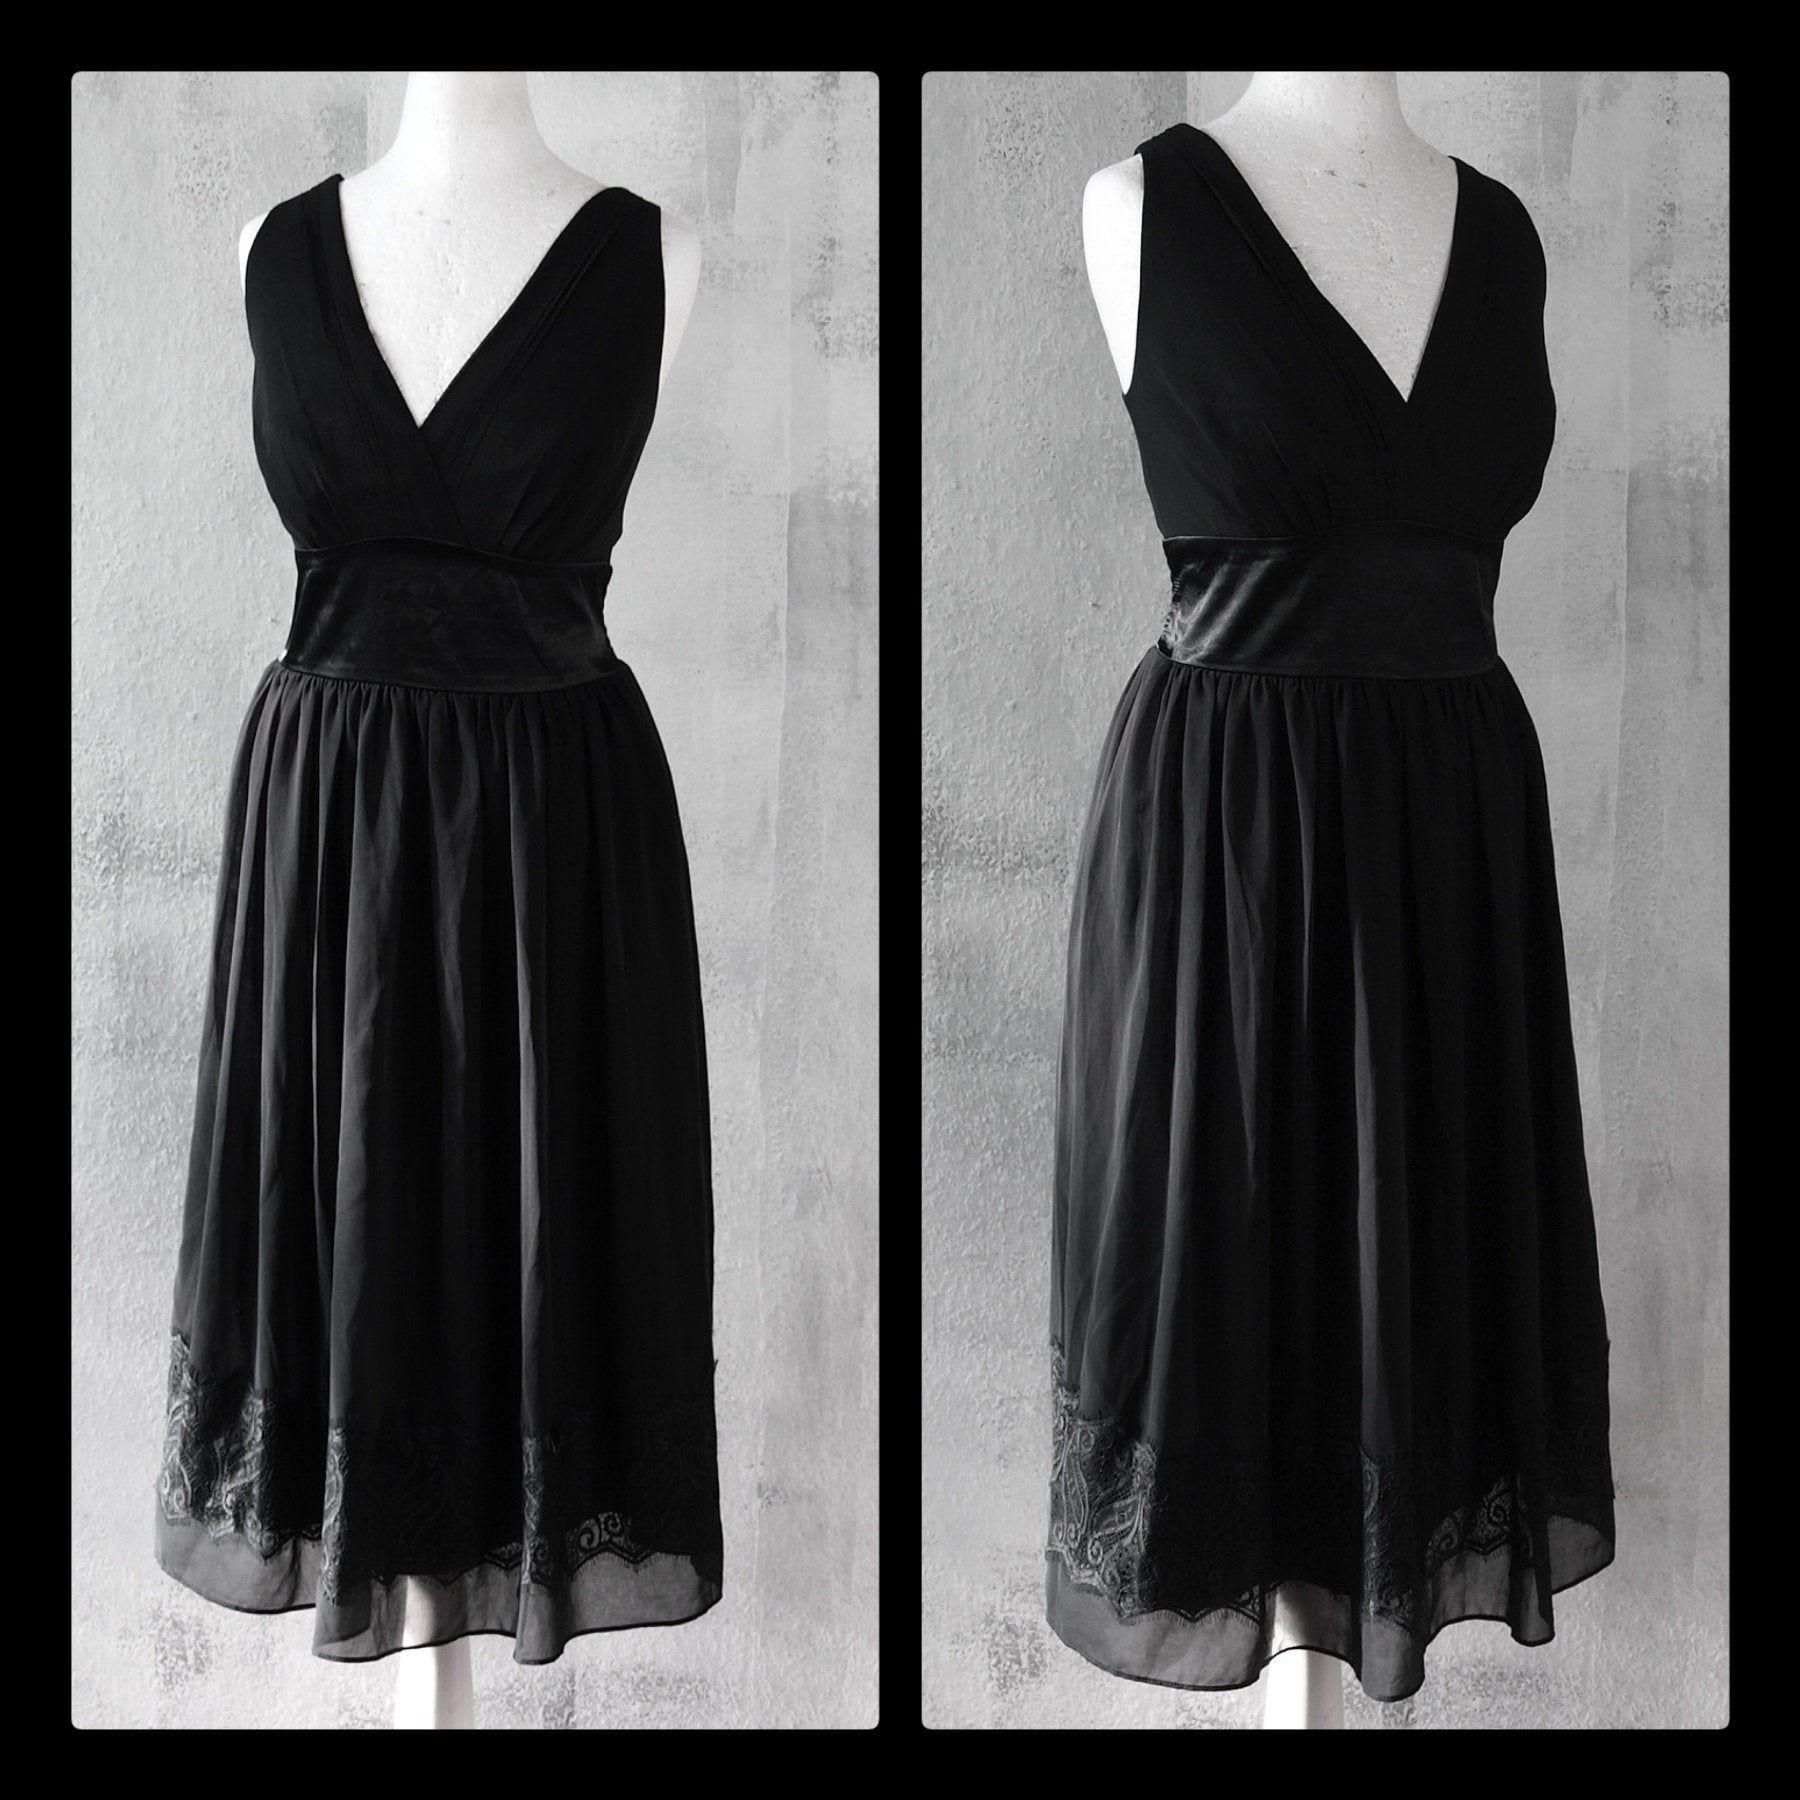 S M Gothic Chiffon Kleid Spitze Abendkleid Vintage Second Hand